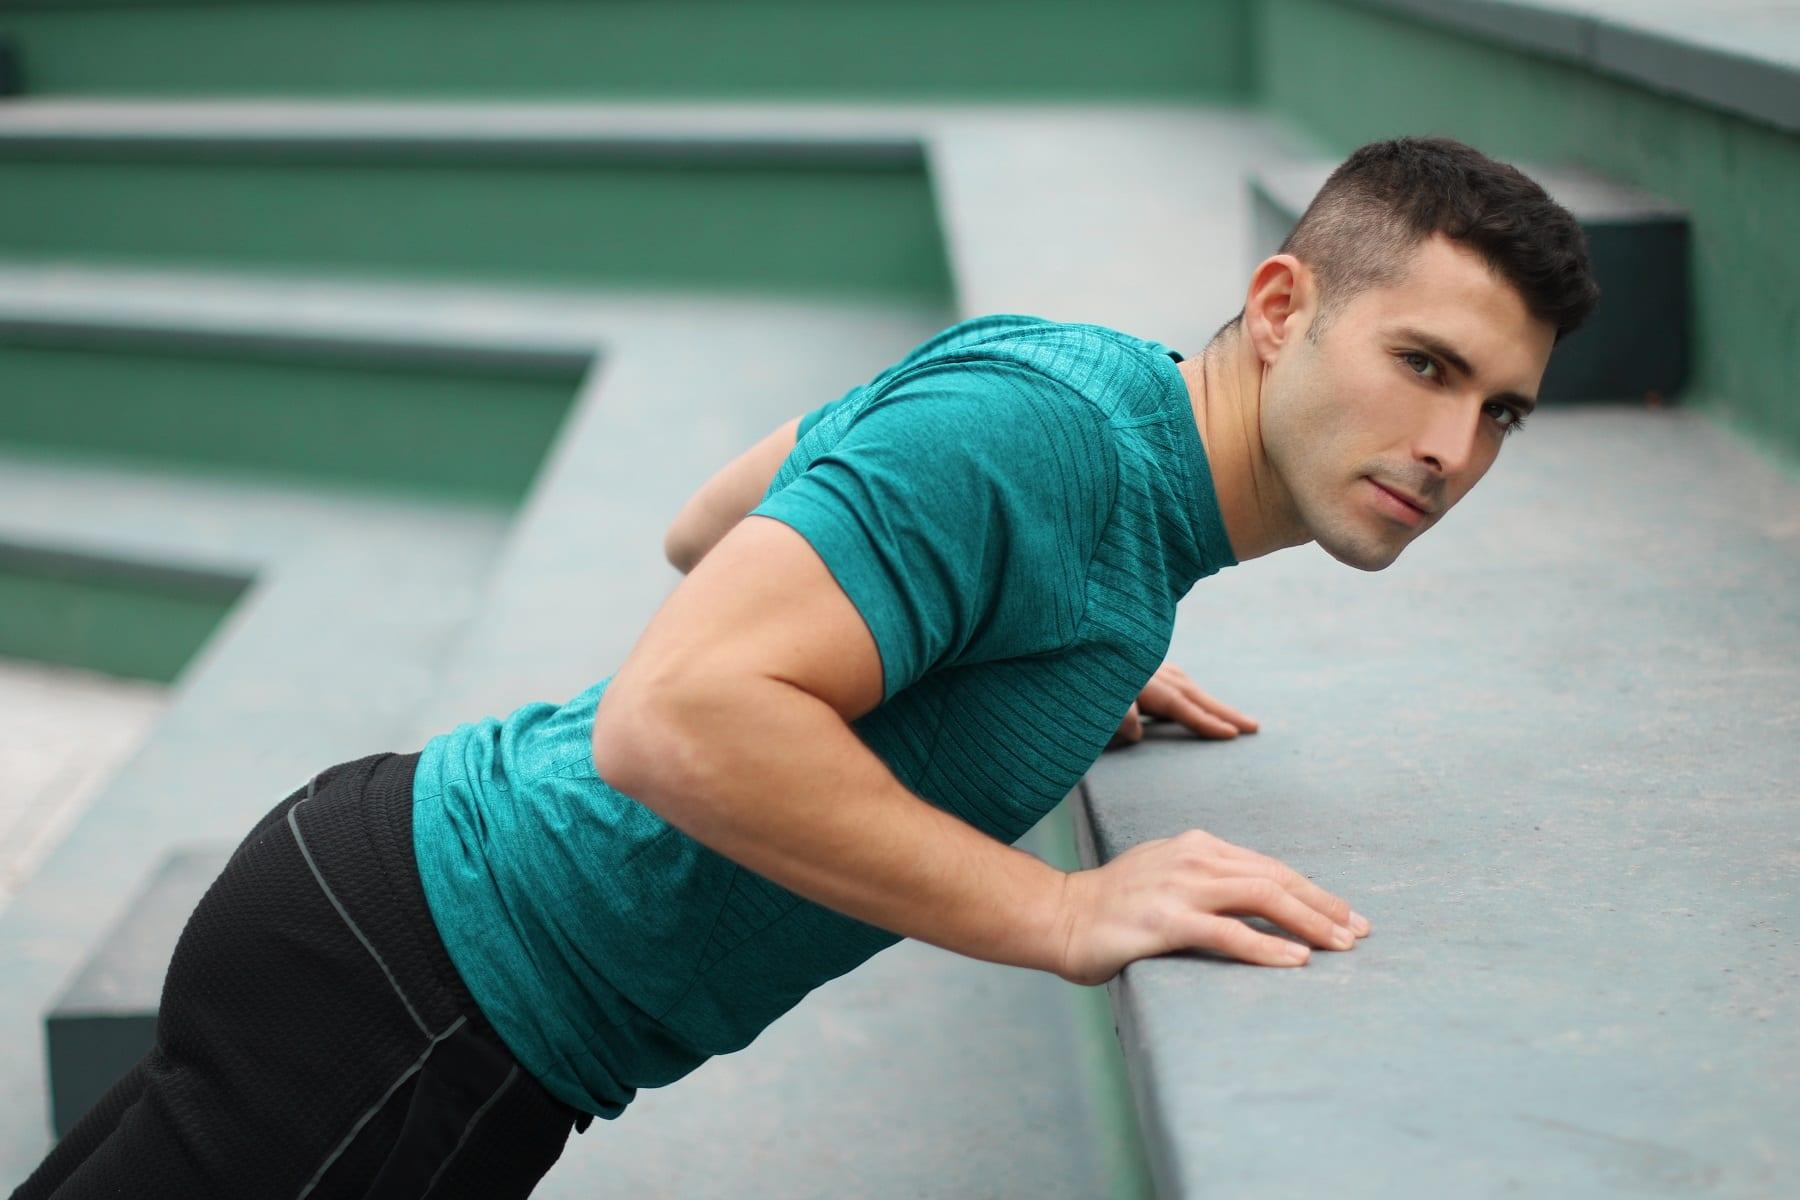 Pike push up | Come si esegue? Muscoli coinvolti ed errori comuni